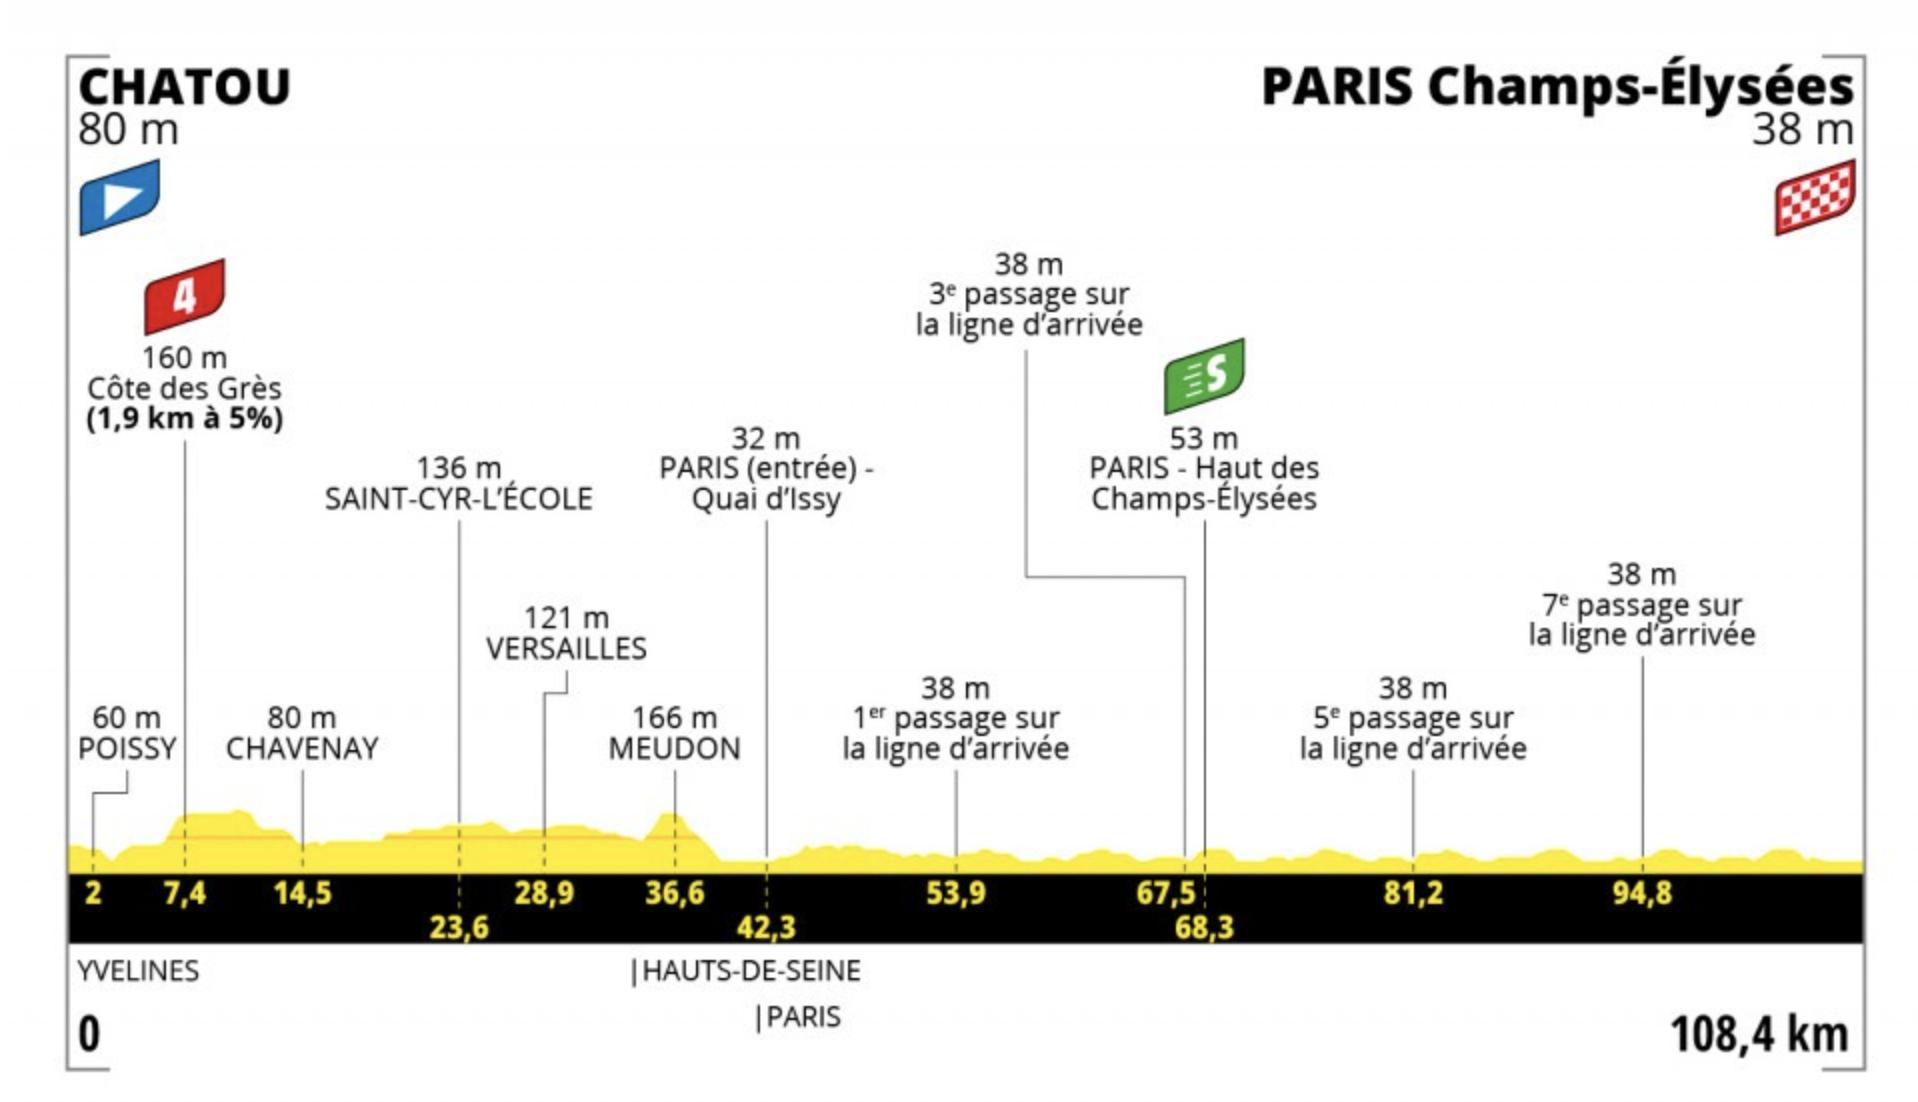 Tour de France: Stage 21 route profile